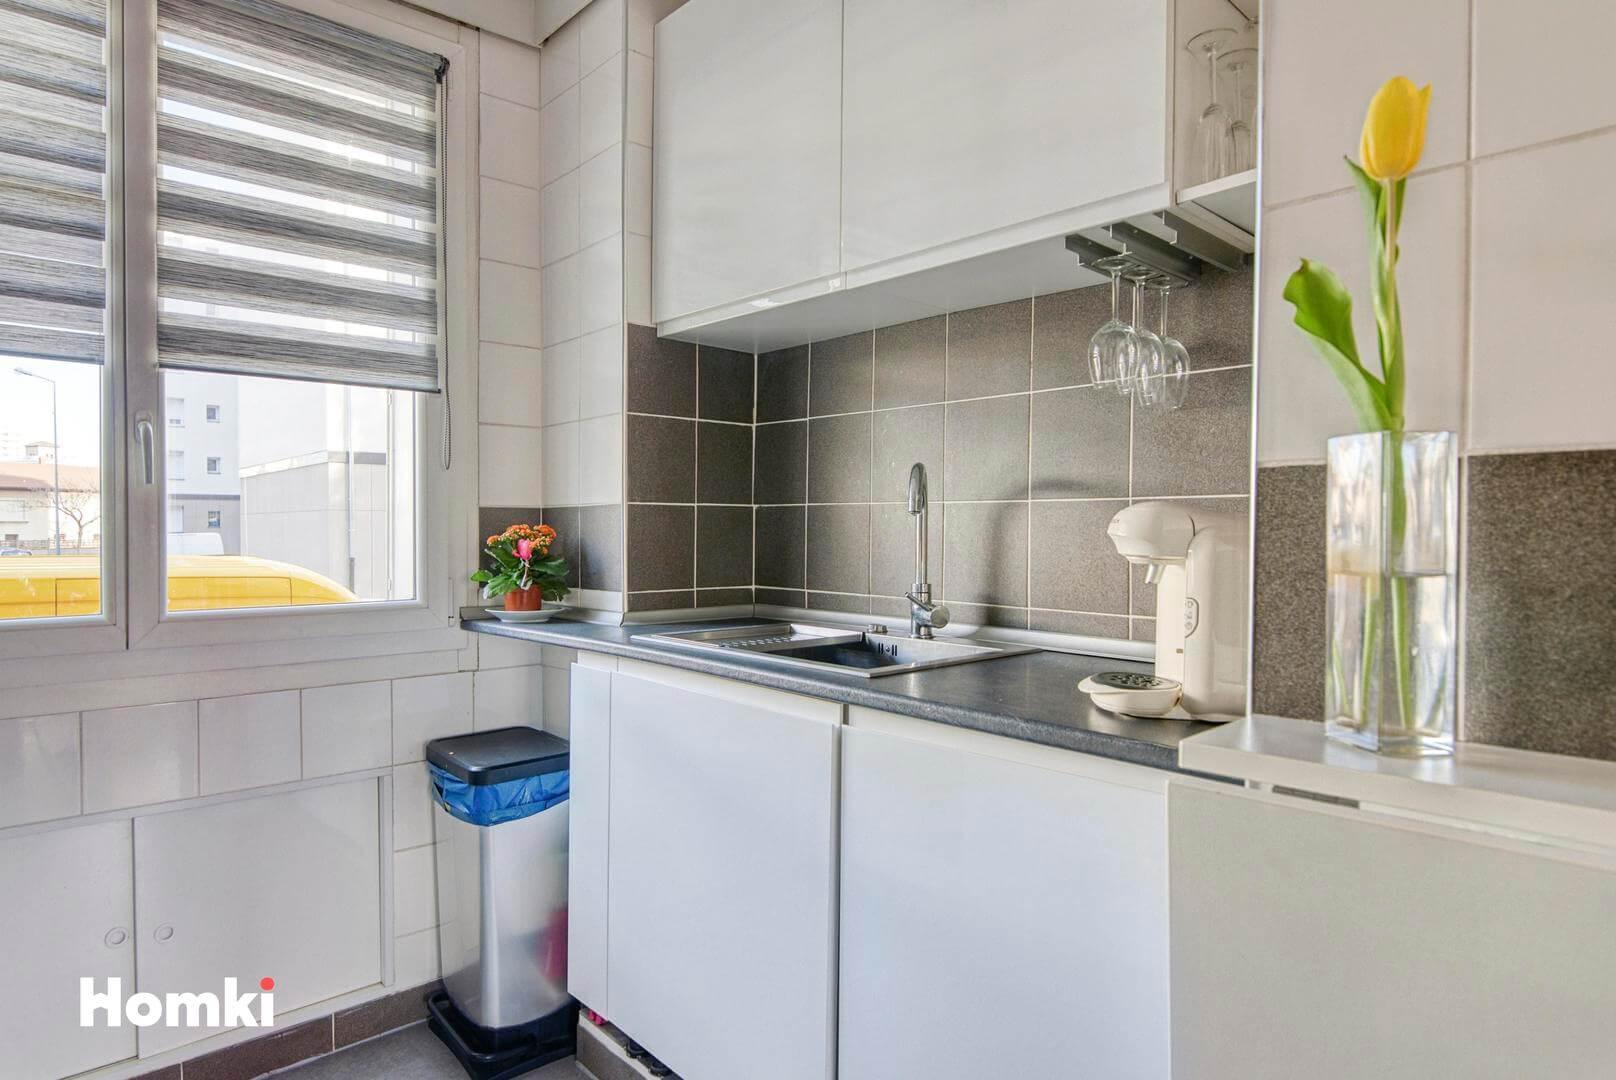 Homki - Vente Appartement  de 68.0 m² à Vénissieux 69200